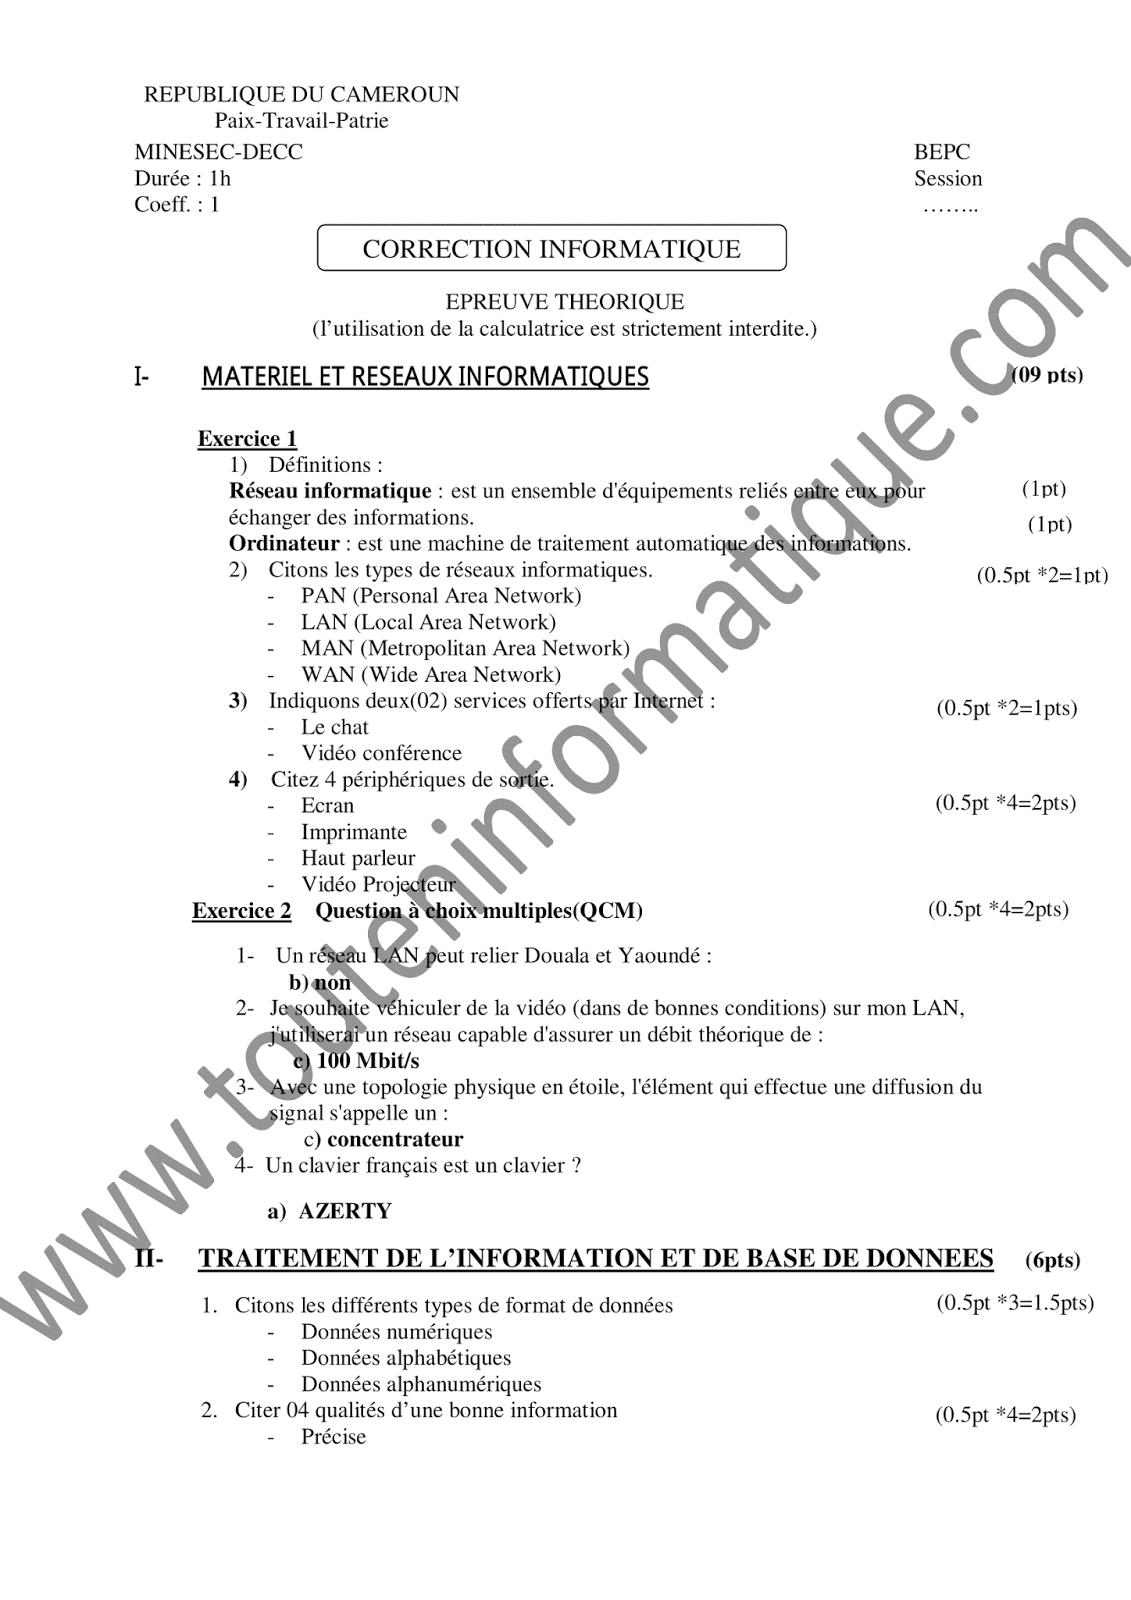 BEPC TÉLÉCHARGER PDF SUJET